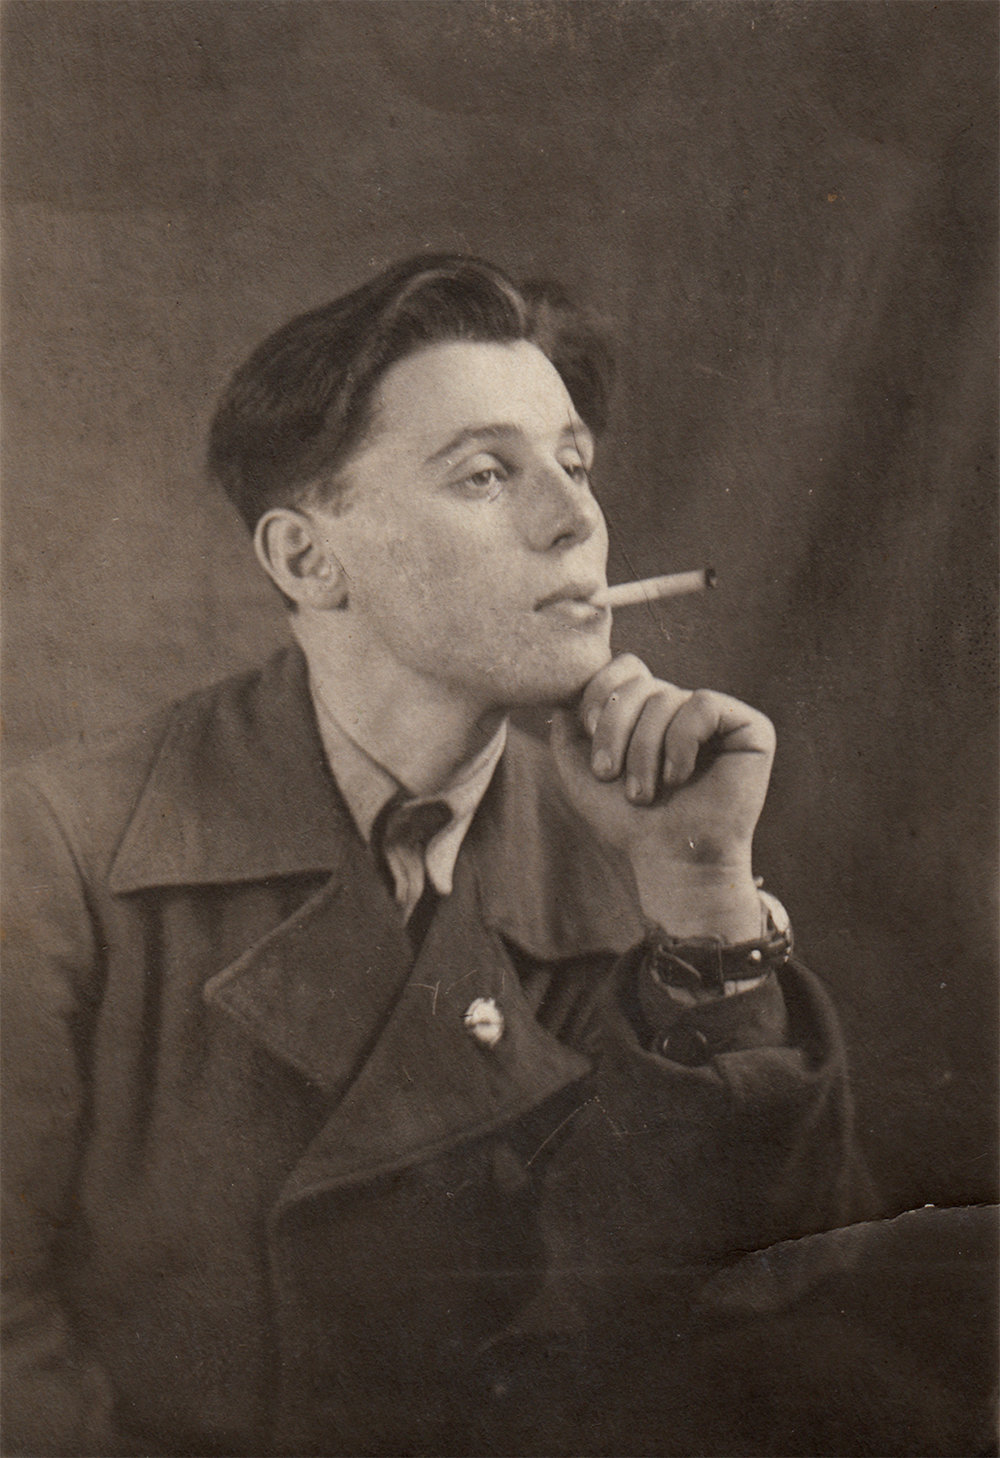 Efim Stolyarky, 17 years old. Vinnytsia, Ukraine. 1940